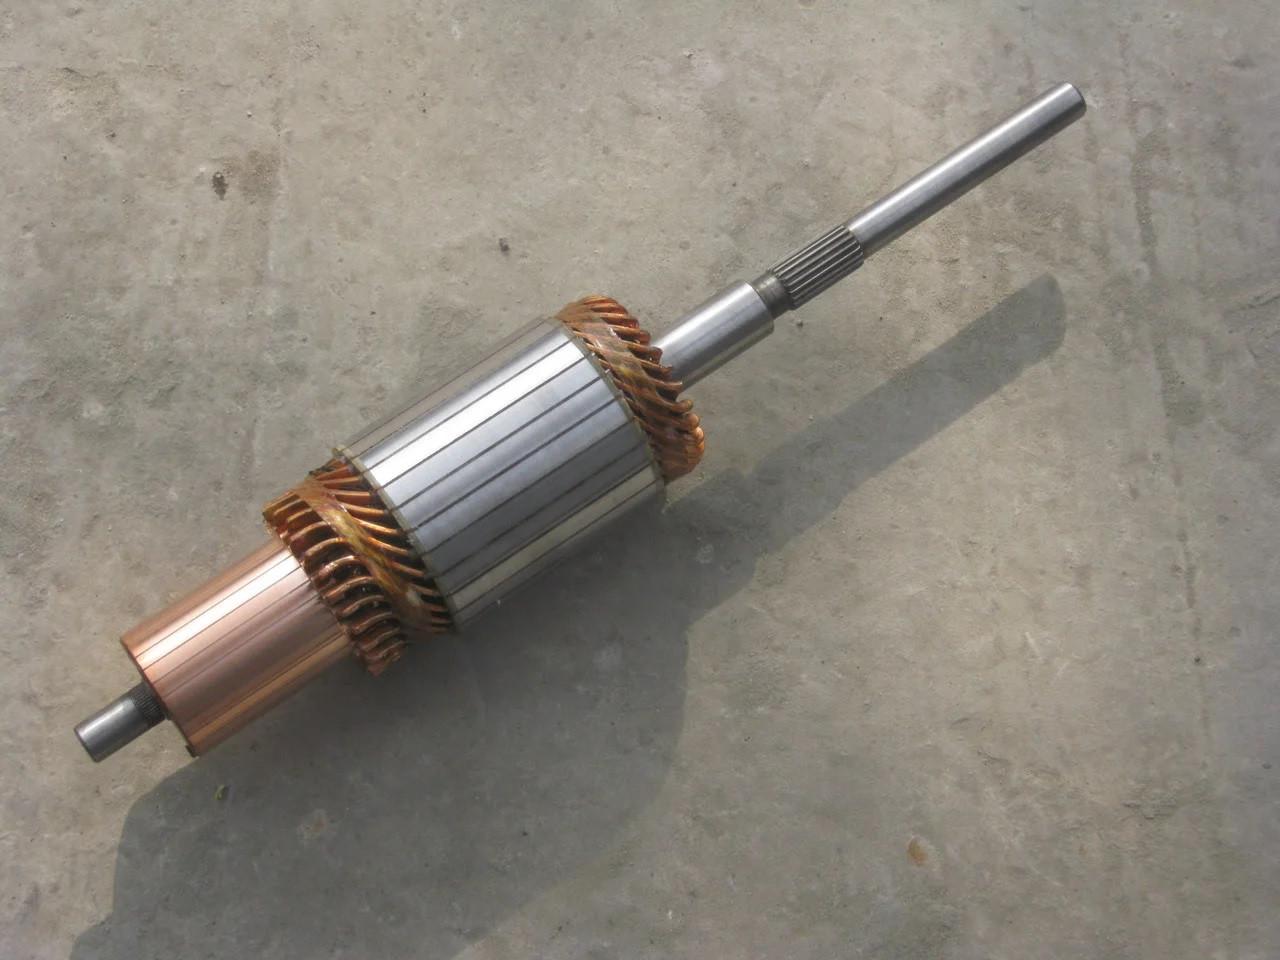 Якорь стартера ст-2501.3708 ямз 24 вольт